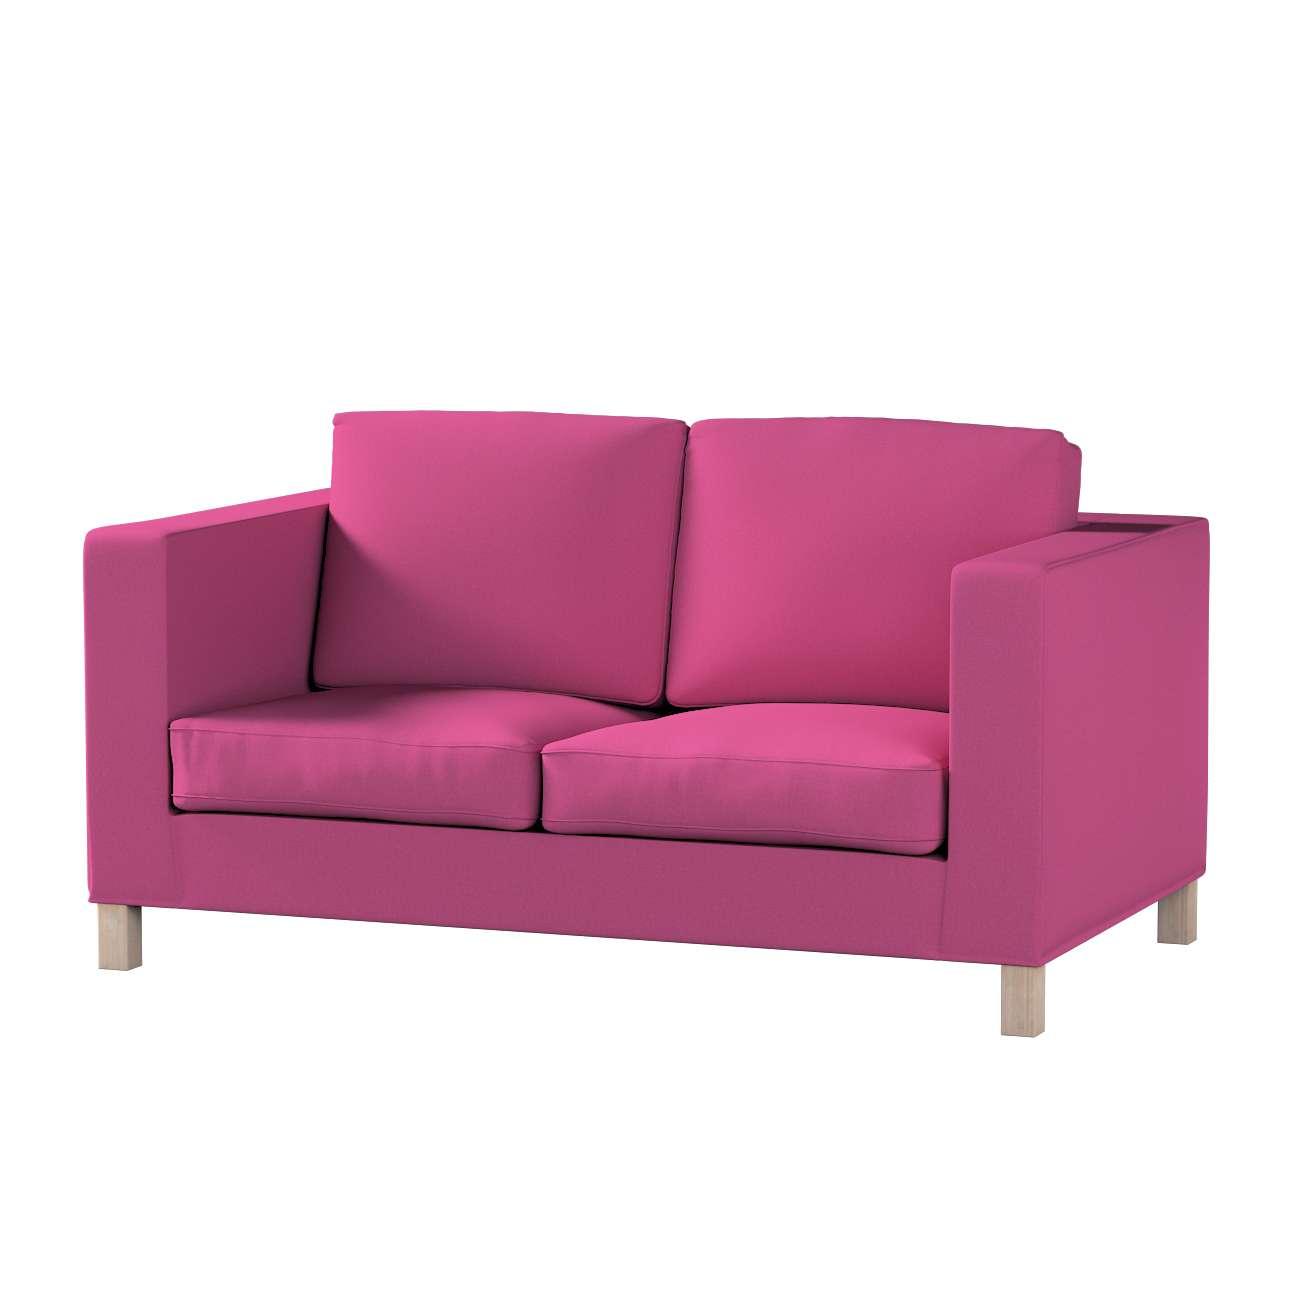 Bezug für Karlanda 2-Sitzer Sofa nicht ausklappbar, kurz von der Kollektion Living II, Stoff: 161-29